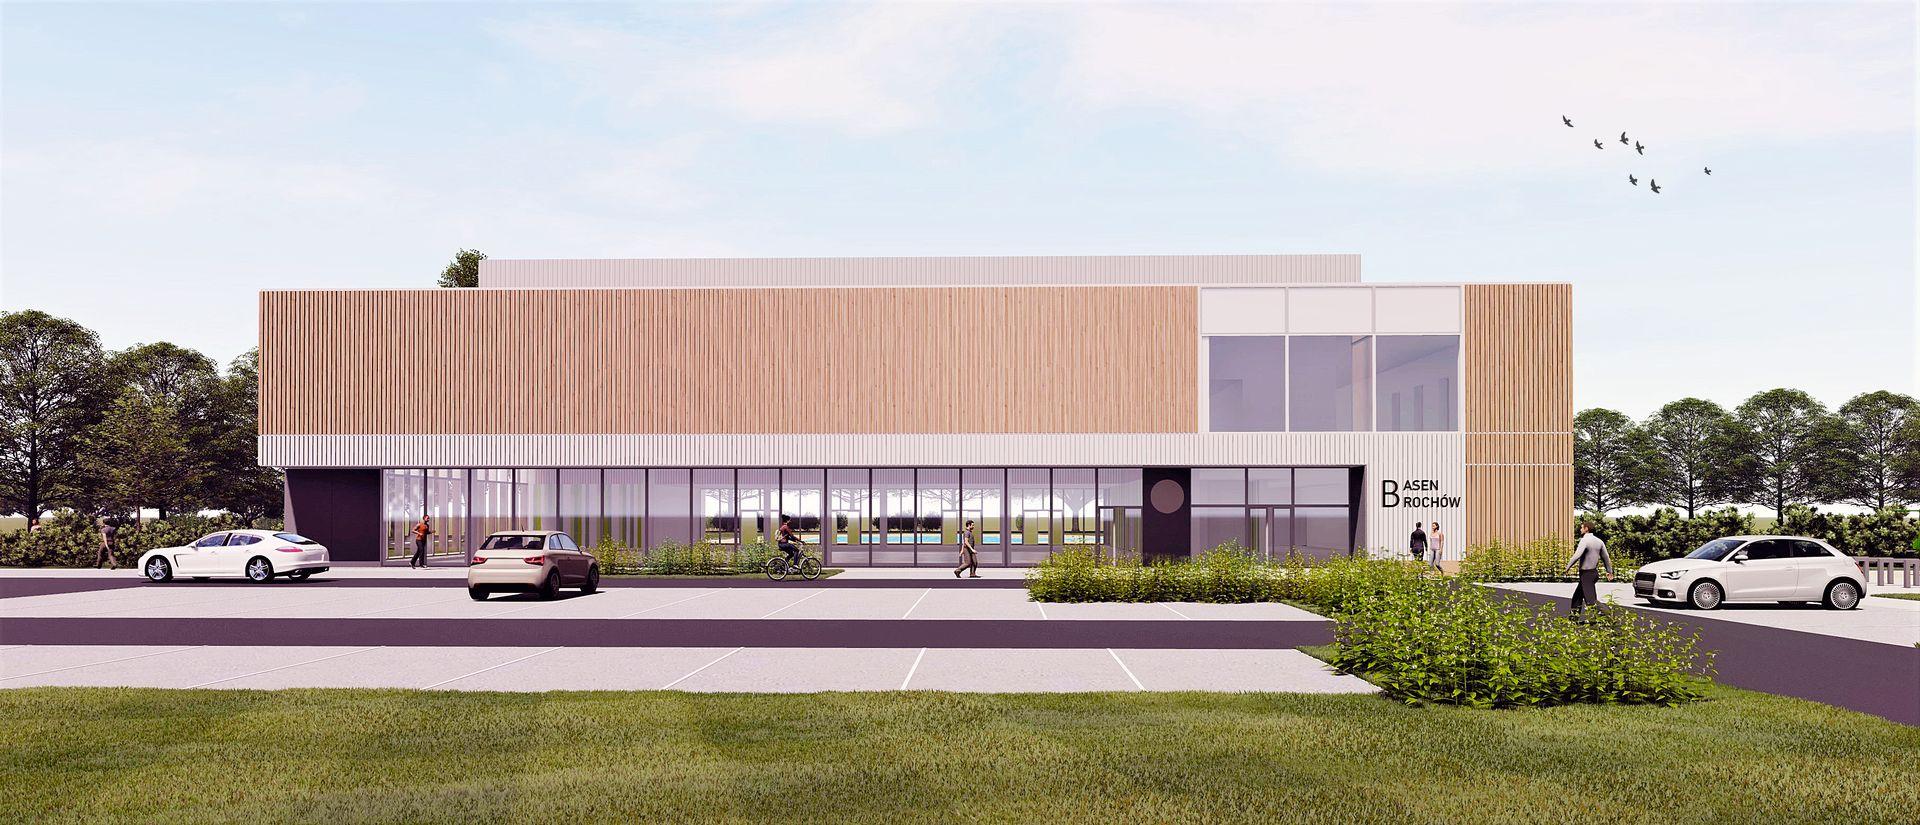 Wrocław: Zbliża się start budowy basenu na Brochowie. To inwestycja warta kilkadziesiąt milionów